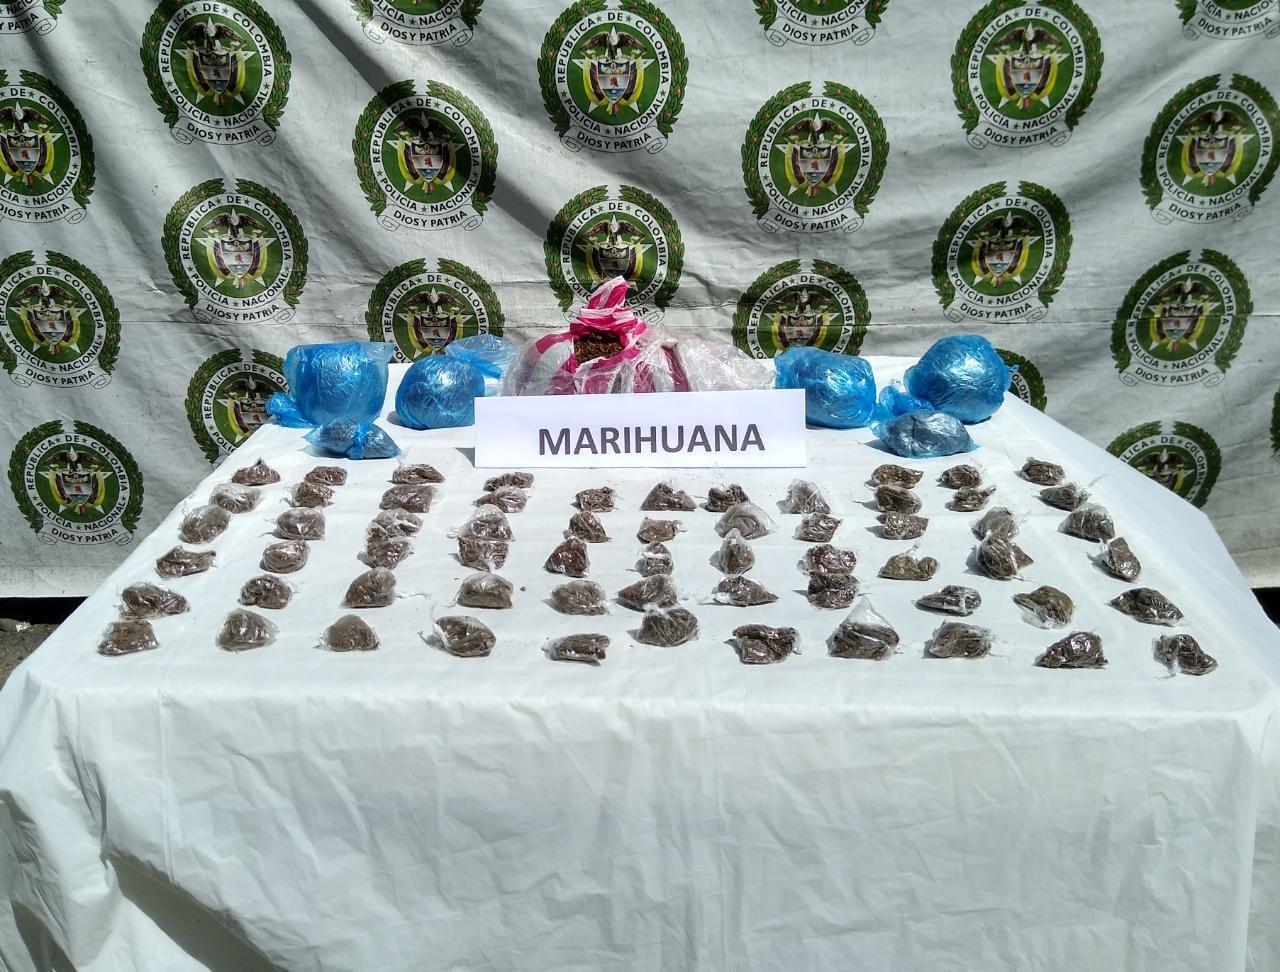 Dosis de marihuana incautadas.